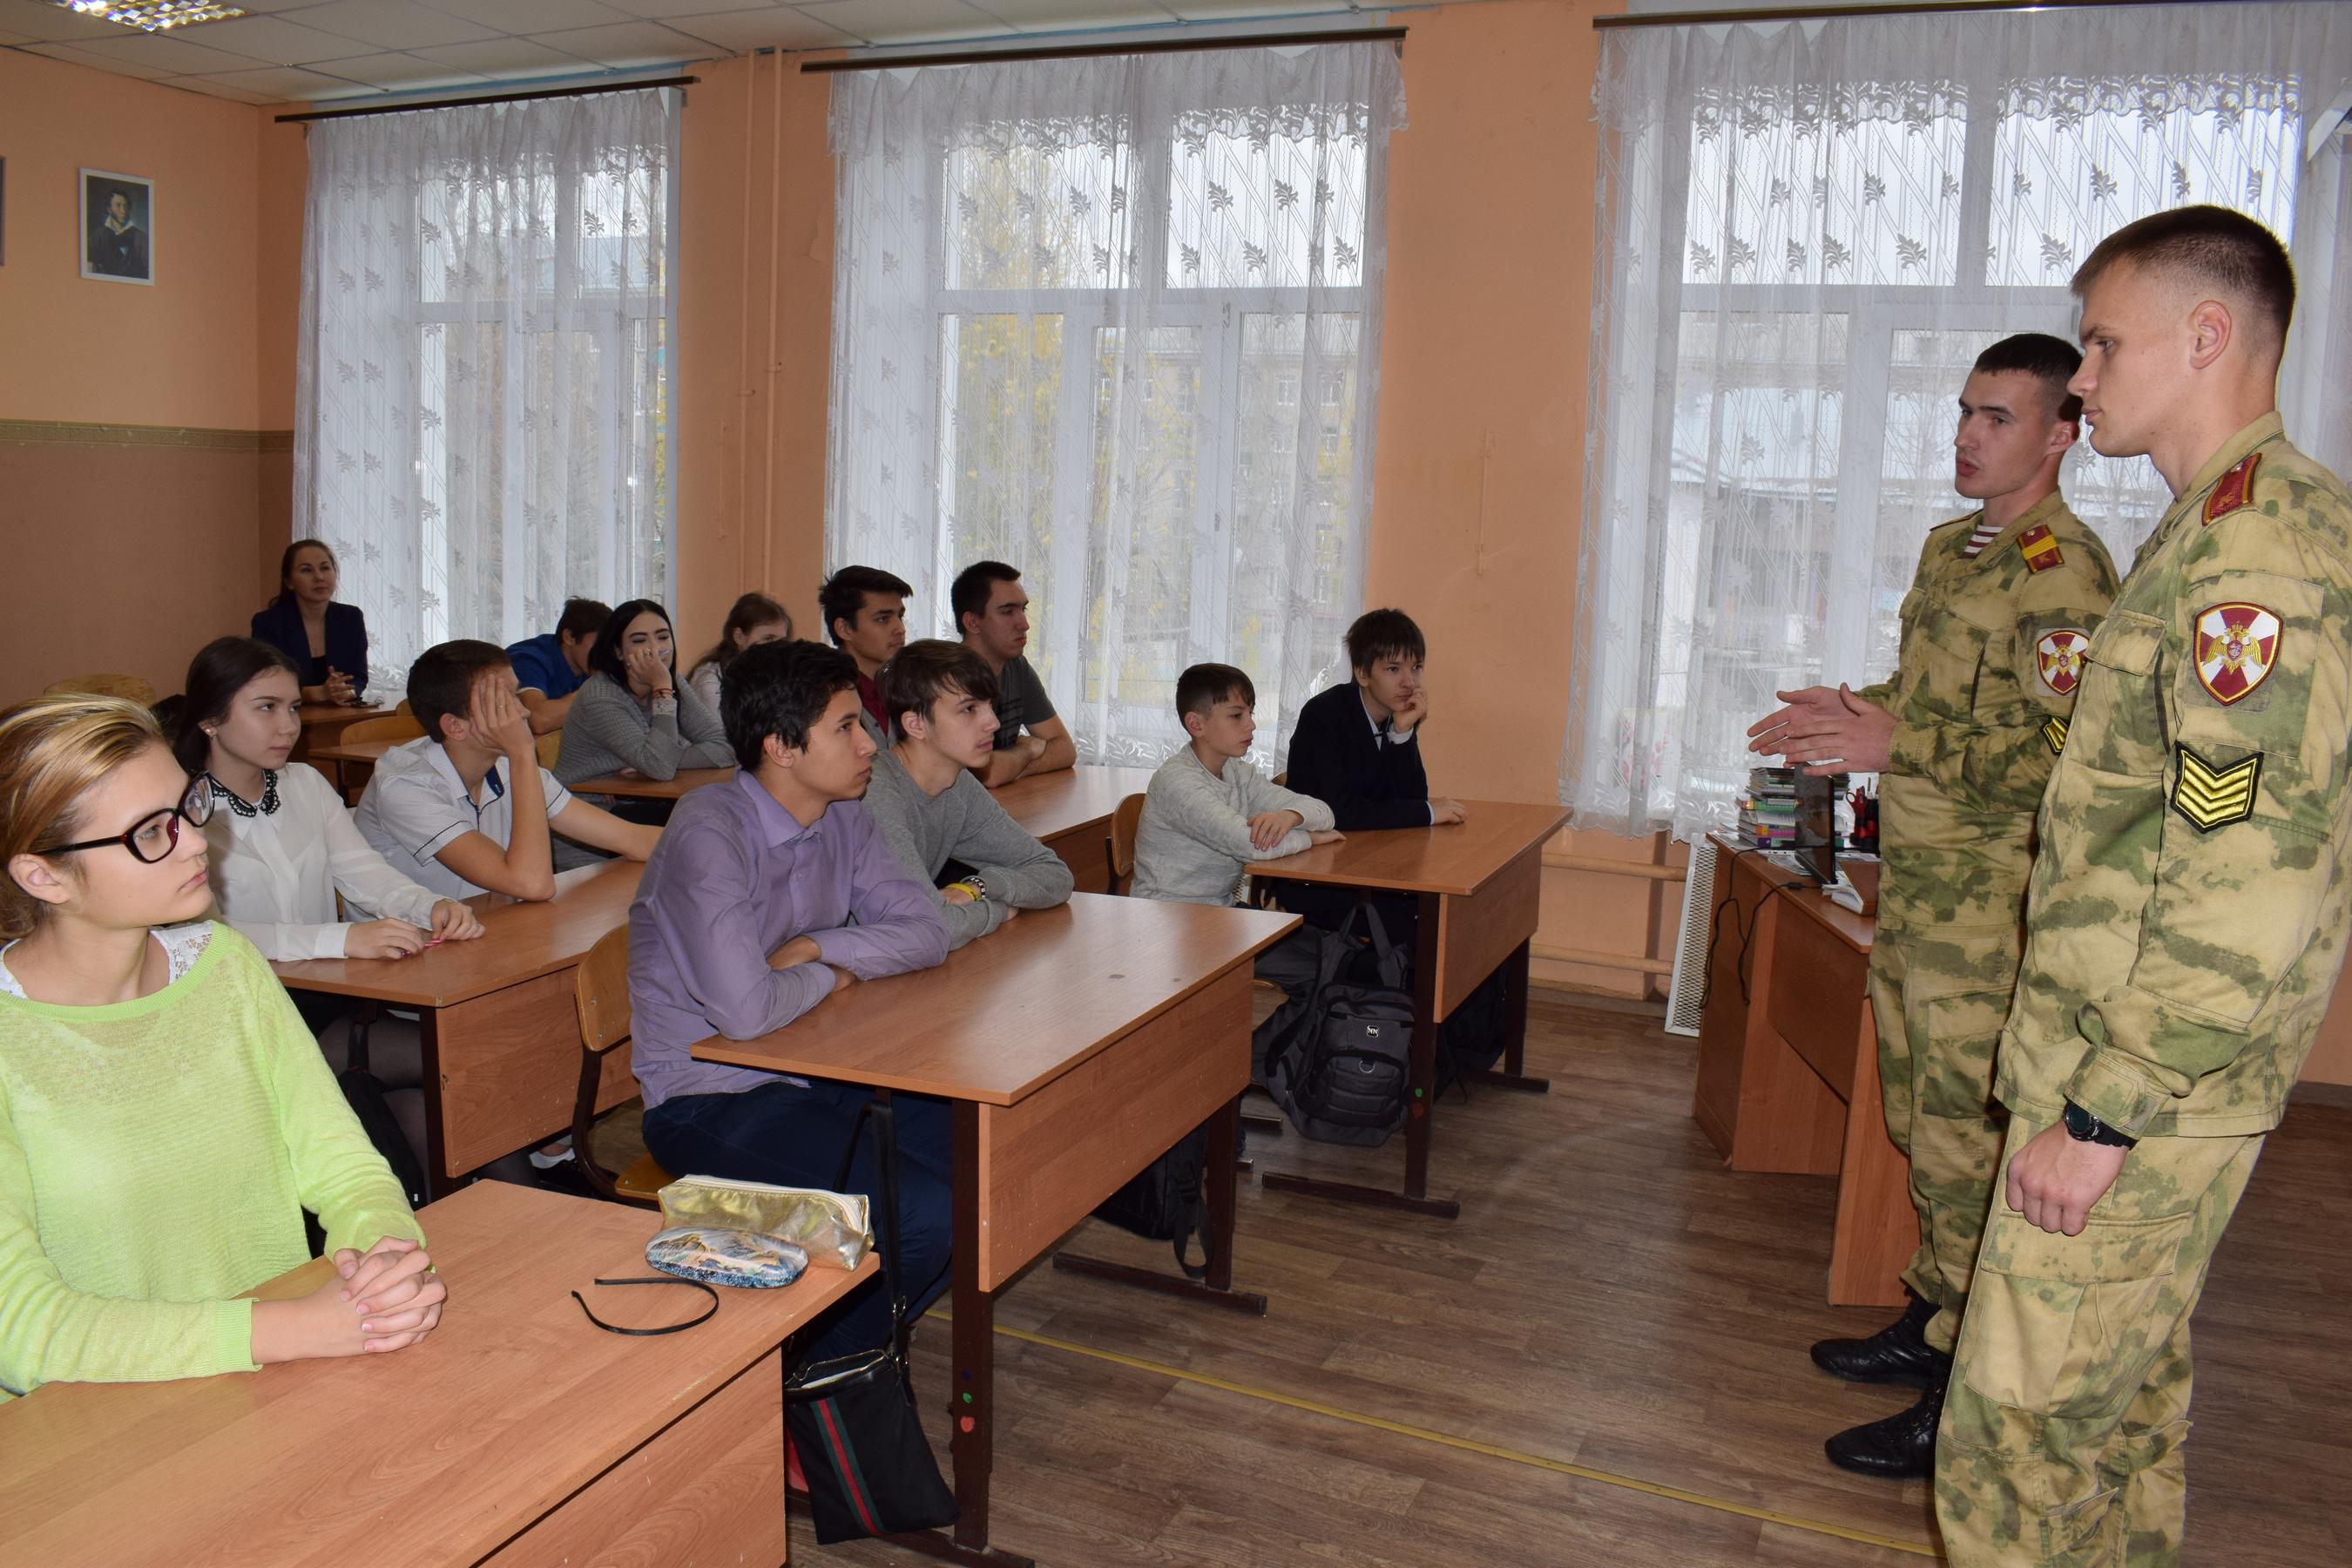 Курсанты Новосибирского военного института войск национальной гвардии РФ провели уроки мужества для учеников казанской общеобразовательной школы №31